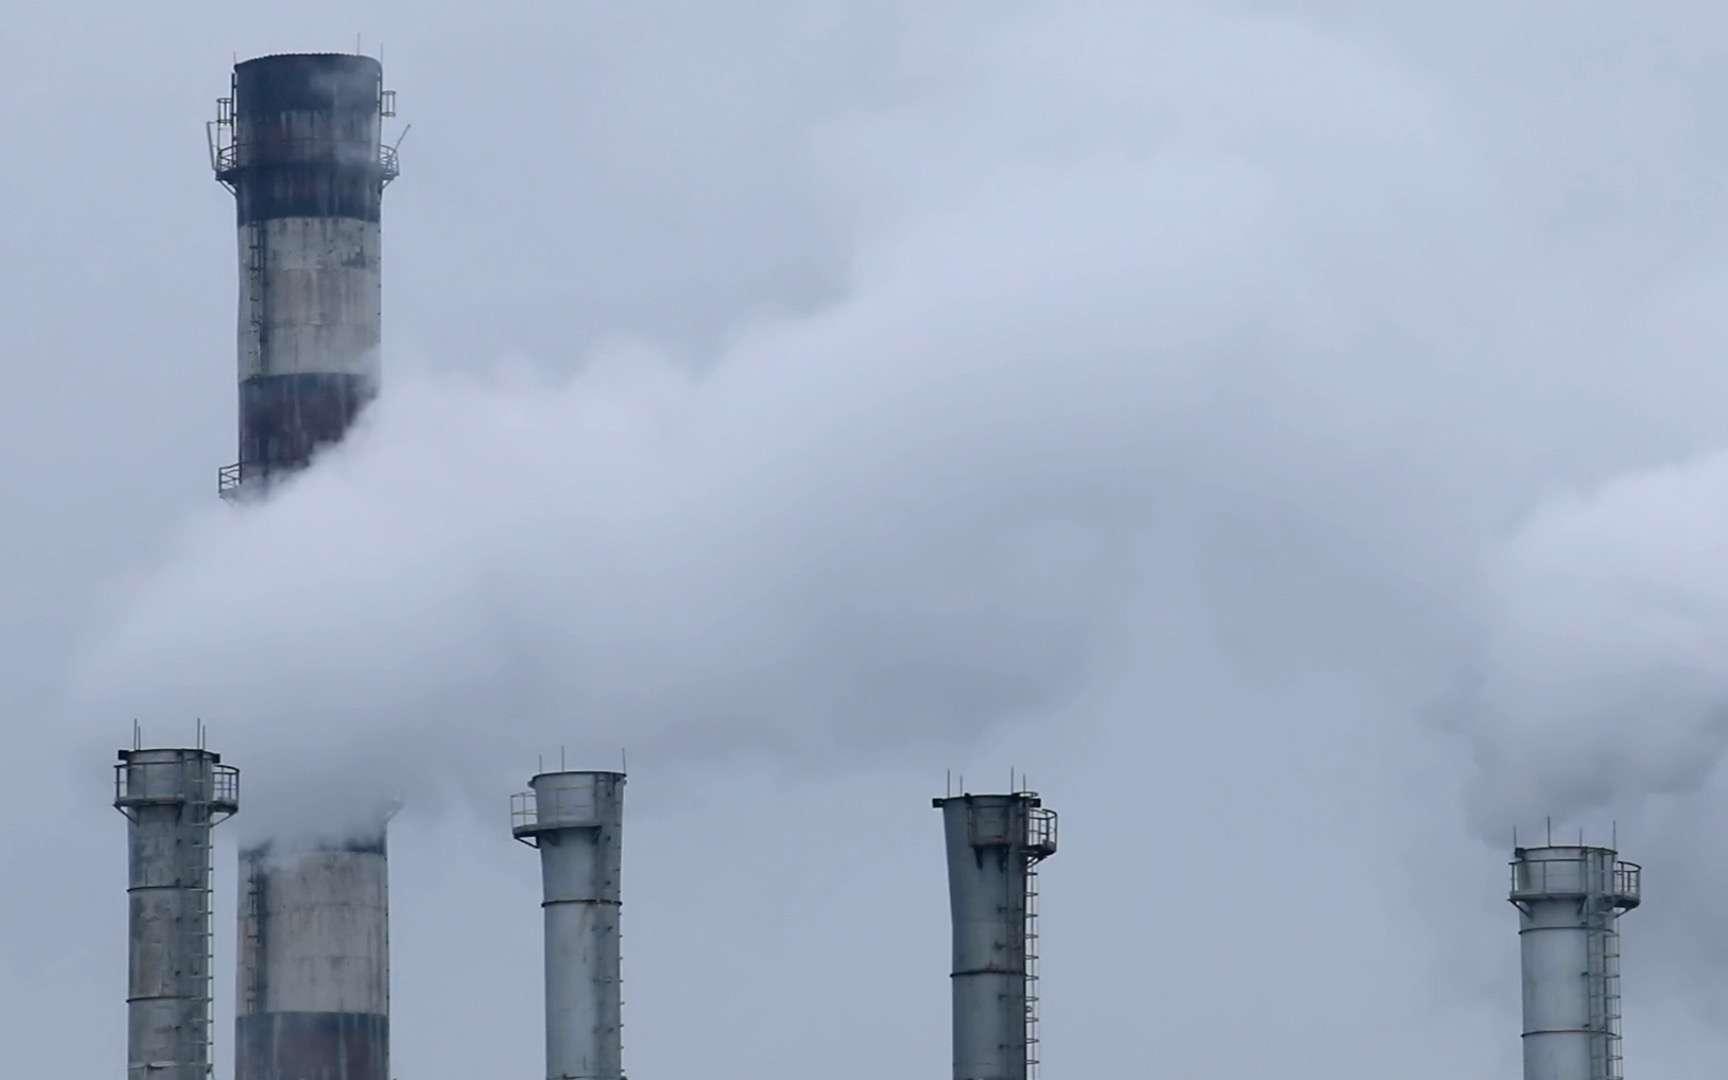 Les cheminées d'une centrale dégagent du gaz © Envato Elements